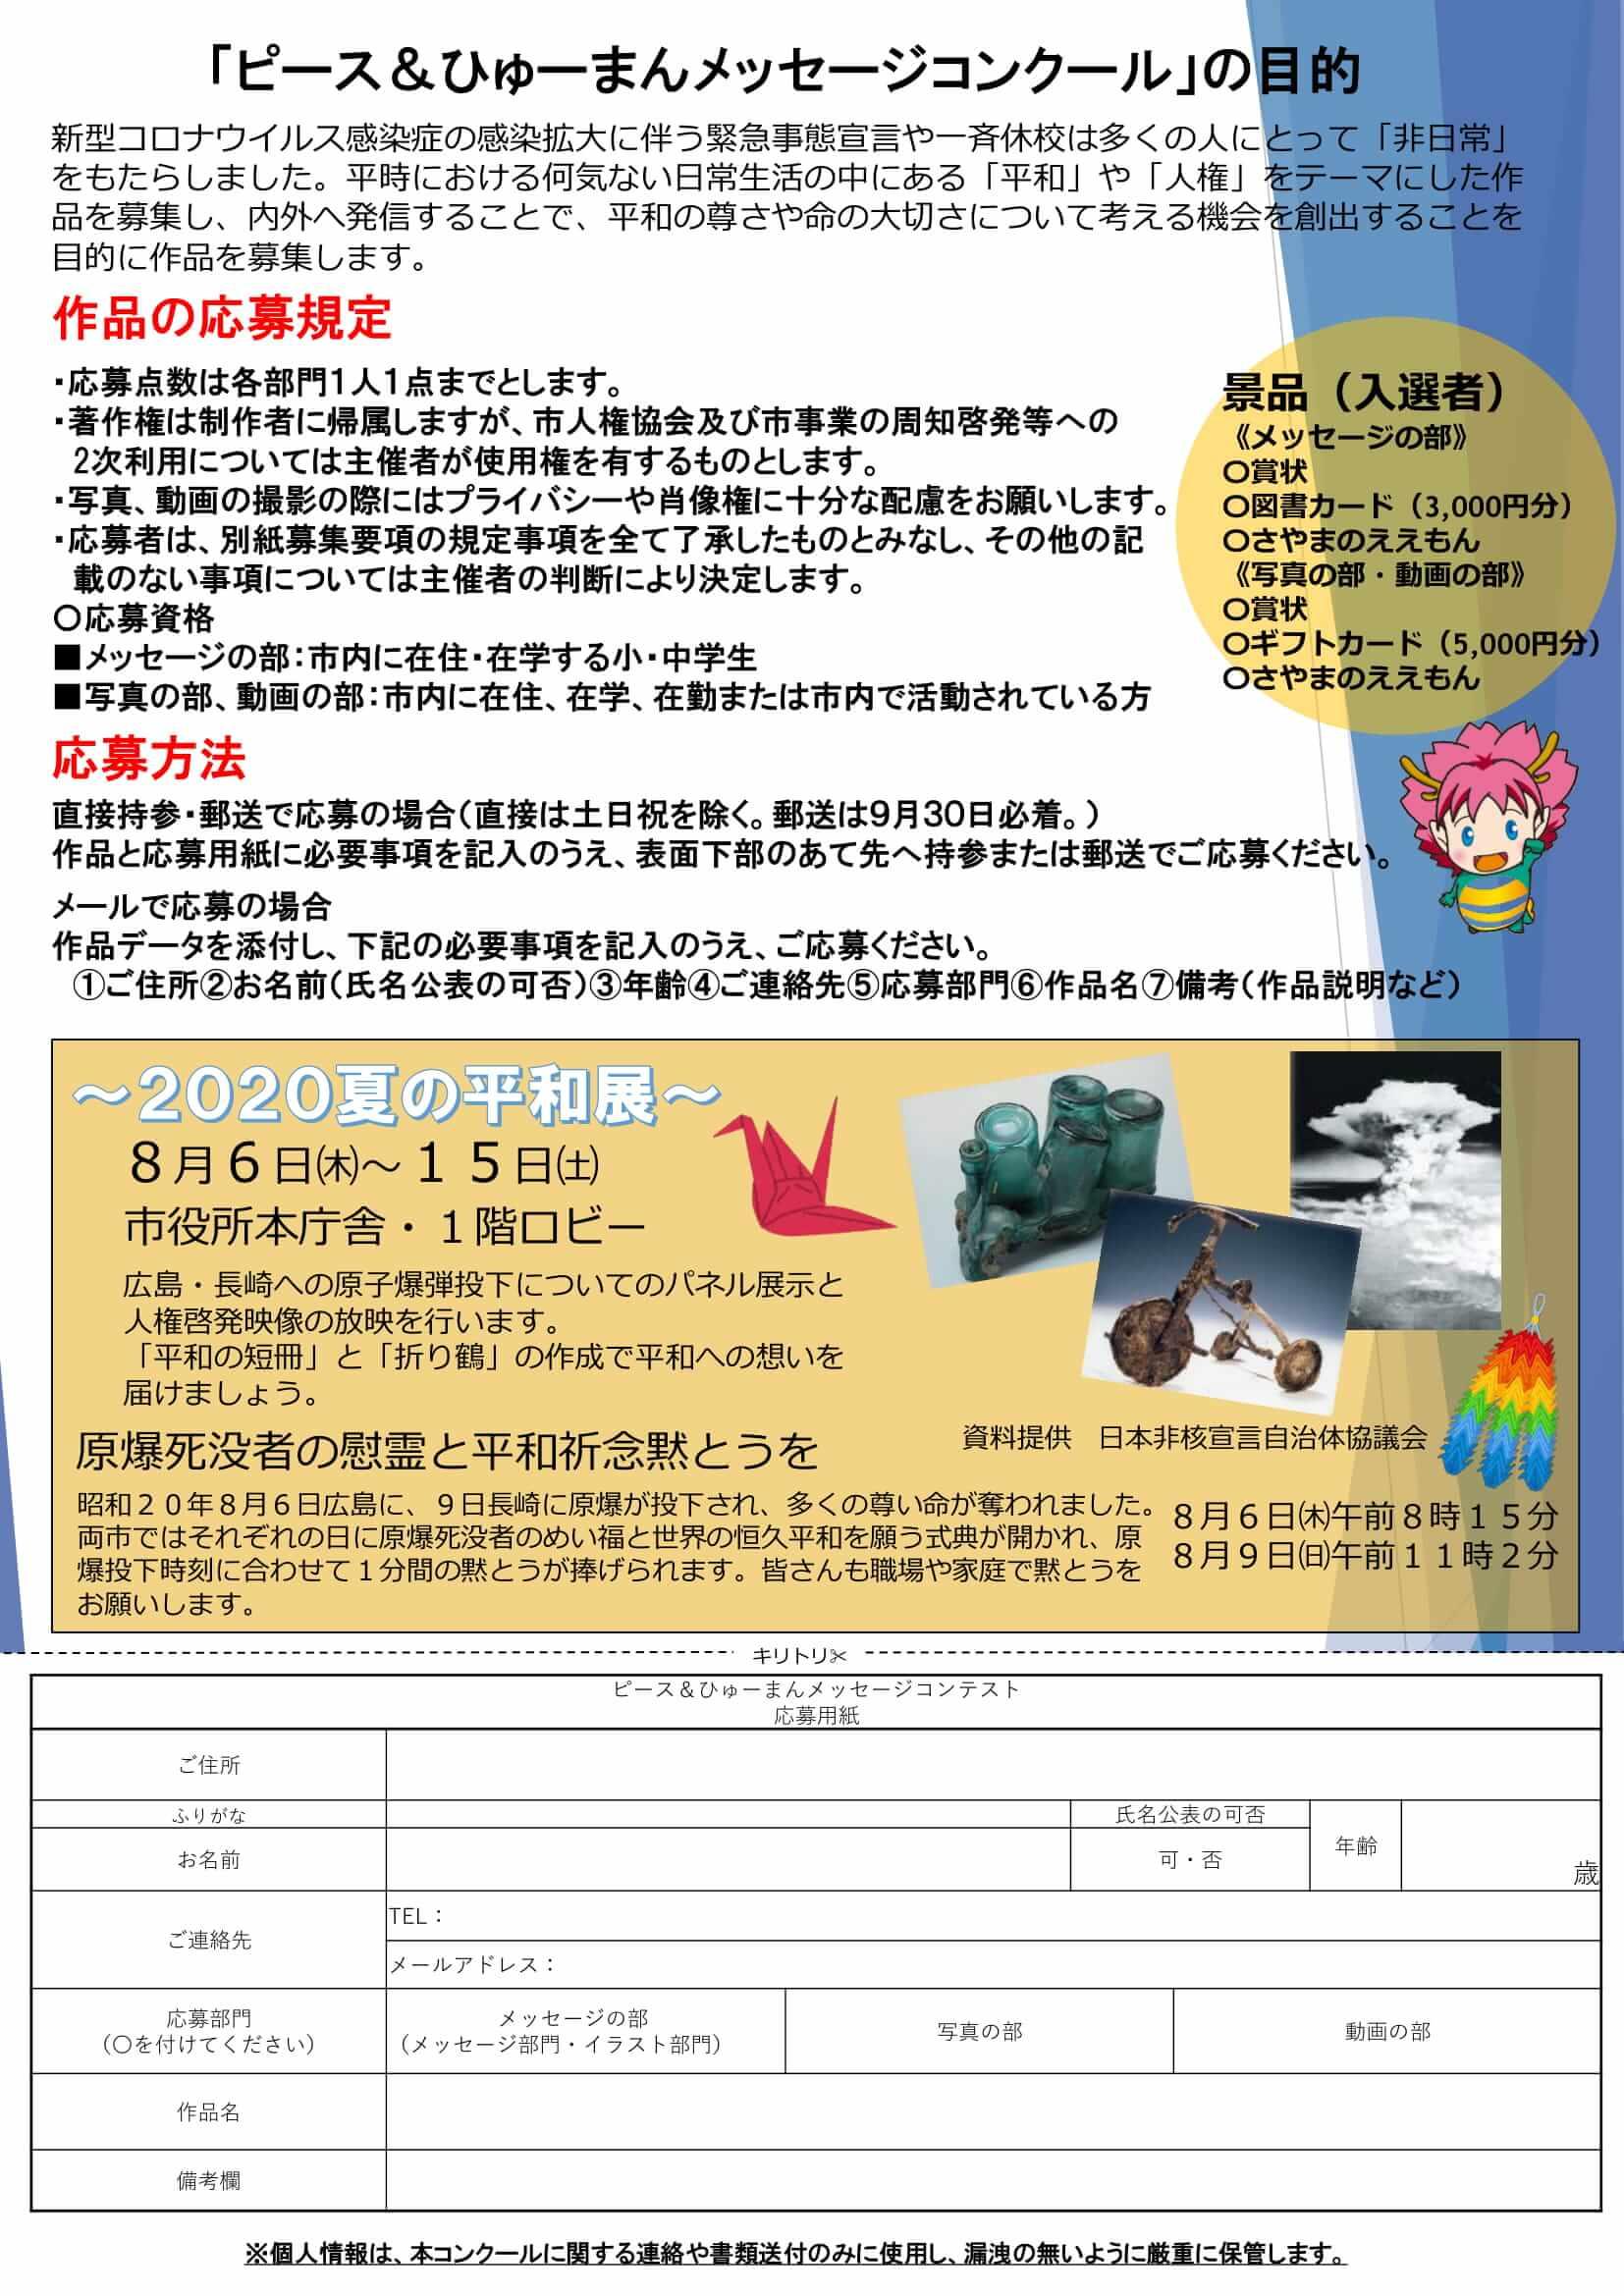 「ピース&ひゅーまん メッセージコンクール」 (2)